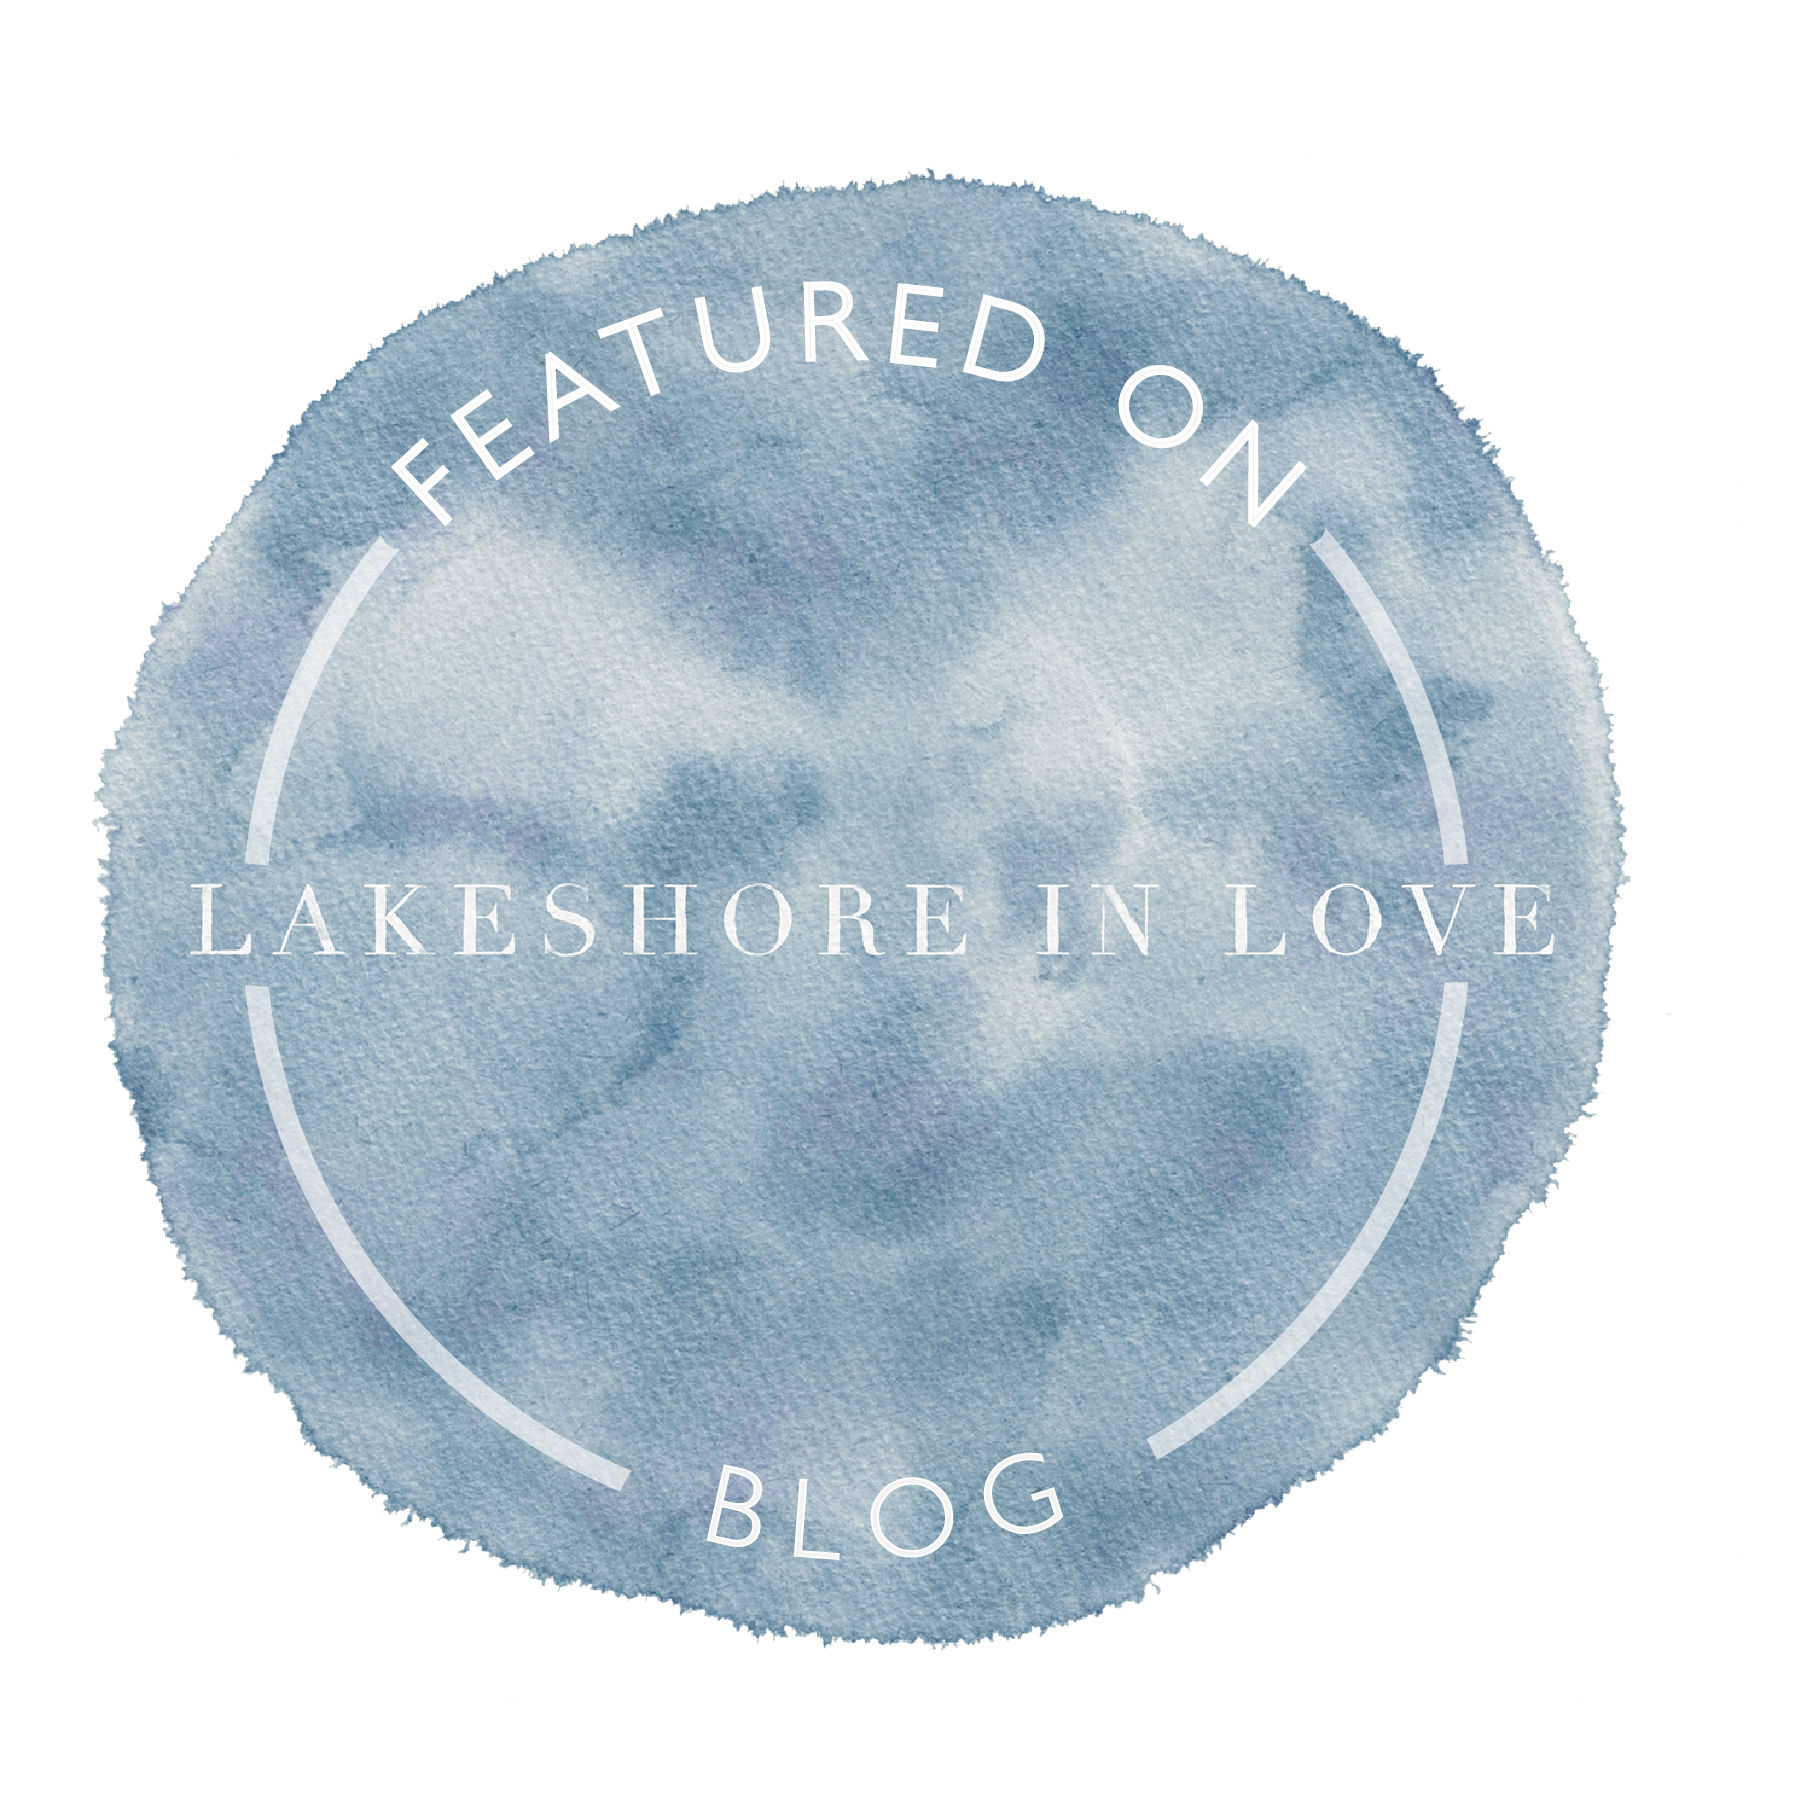 Lake Shore in Love